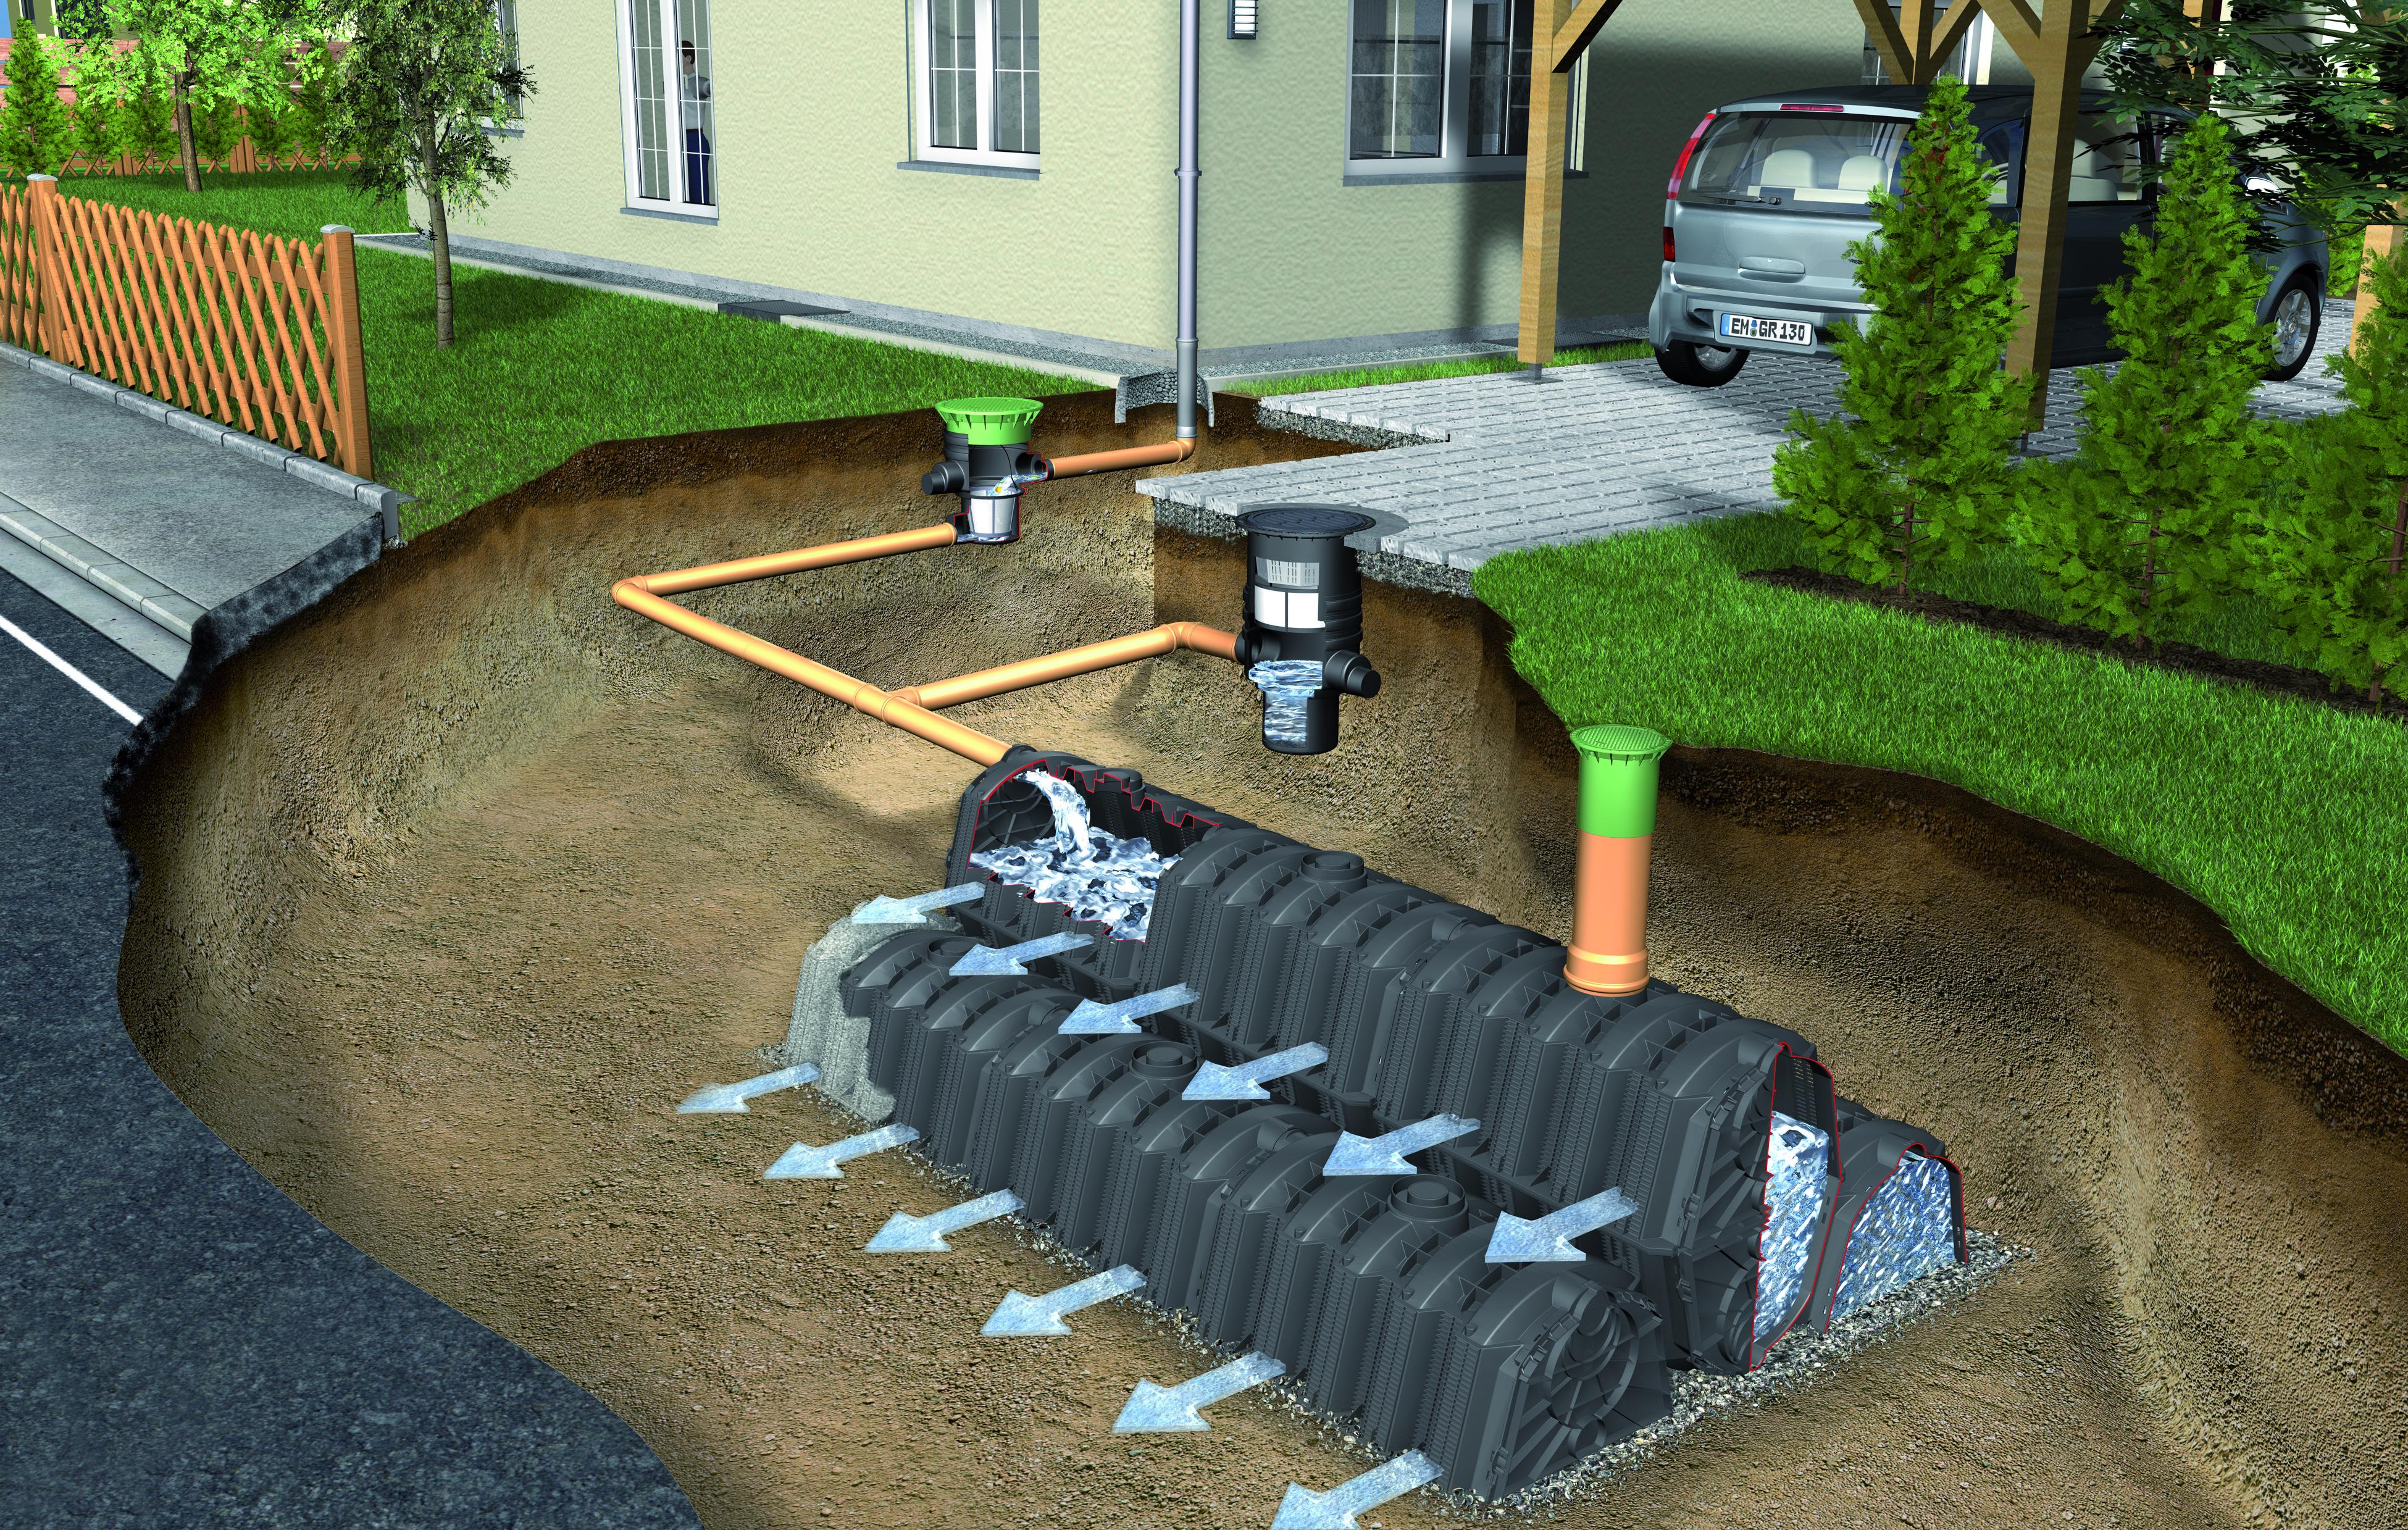 regenwasser versickerung sicker tunnel twin pkw graf 410144 bei. Black Bedroom Furniture Sets. Home Design Ideas